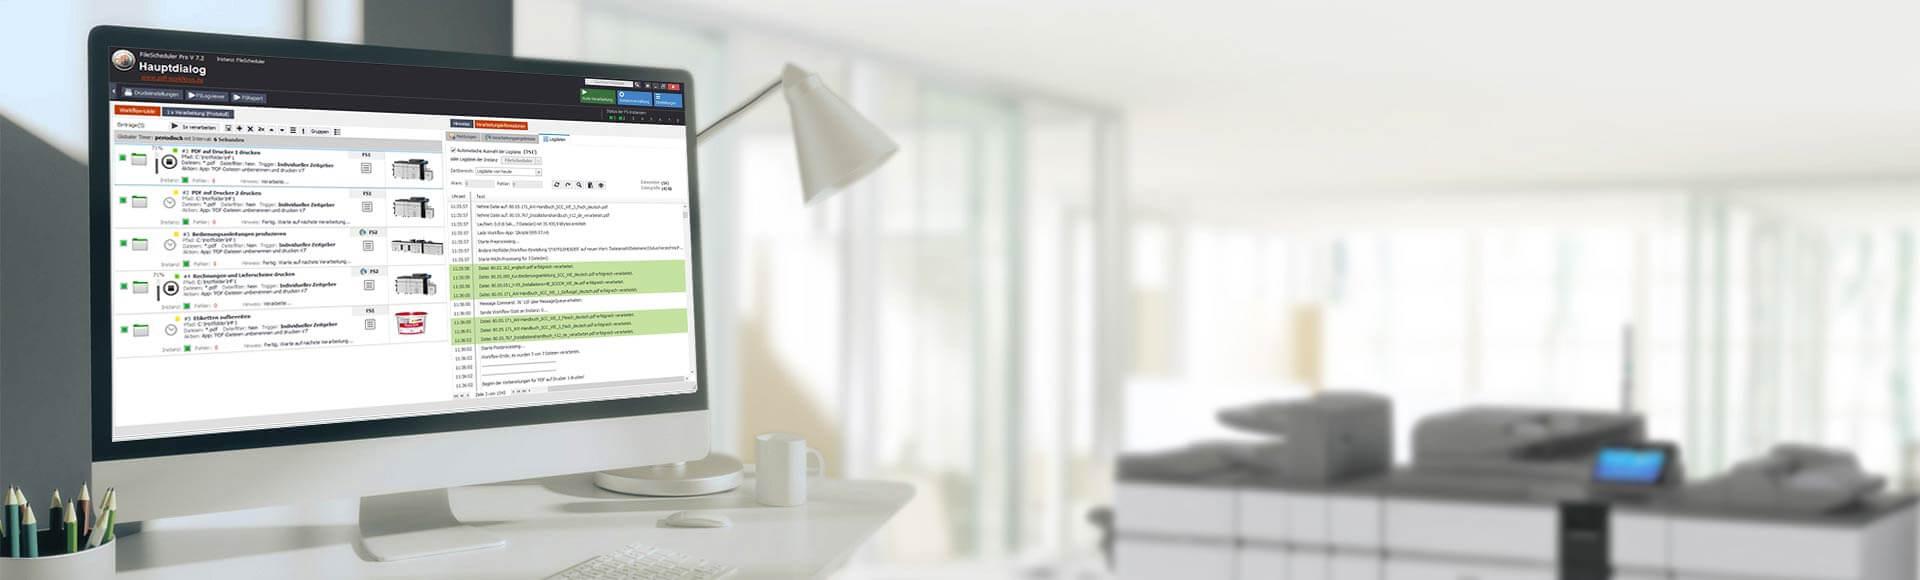 Hintergrundbild zu FileScheduler Workflows